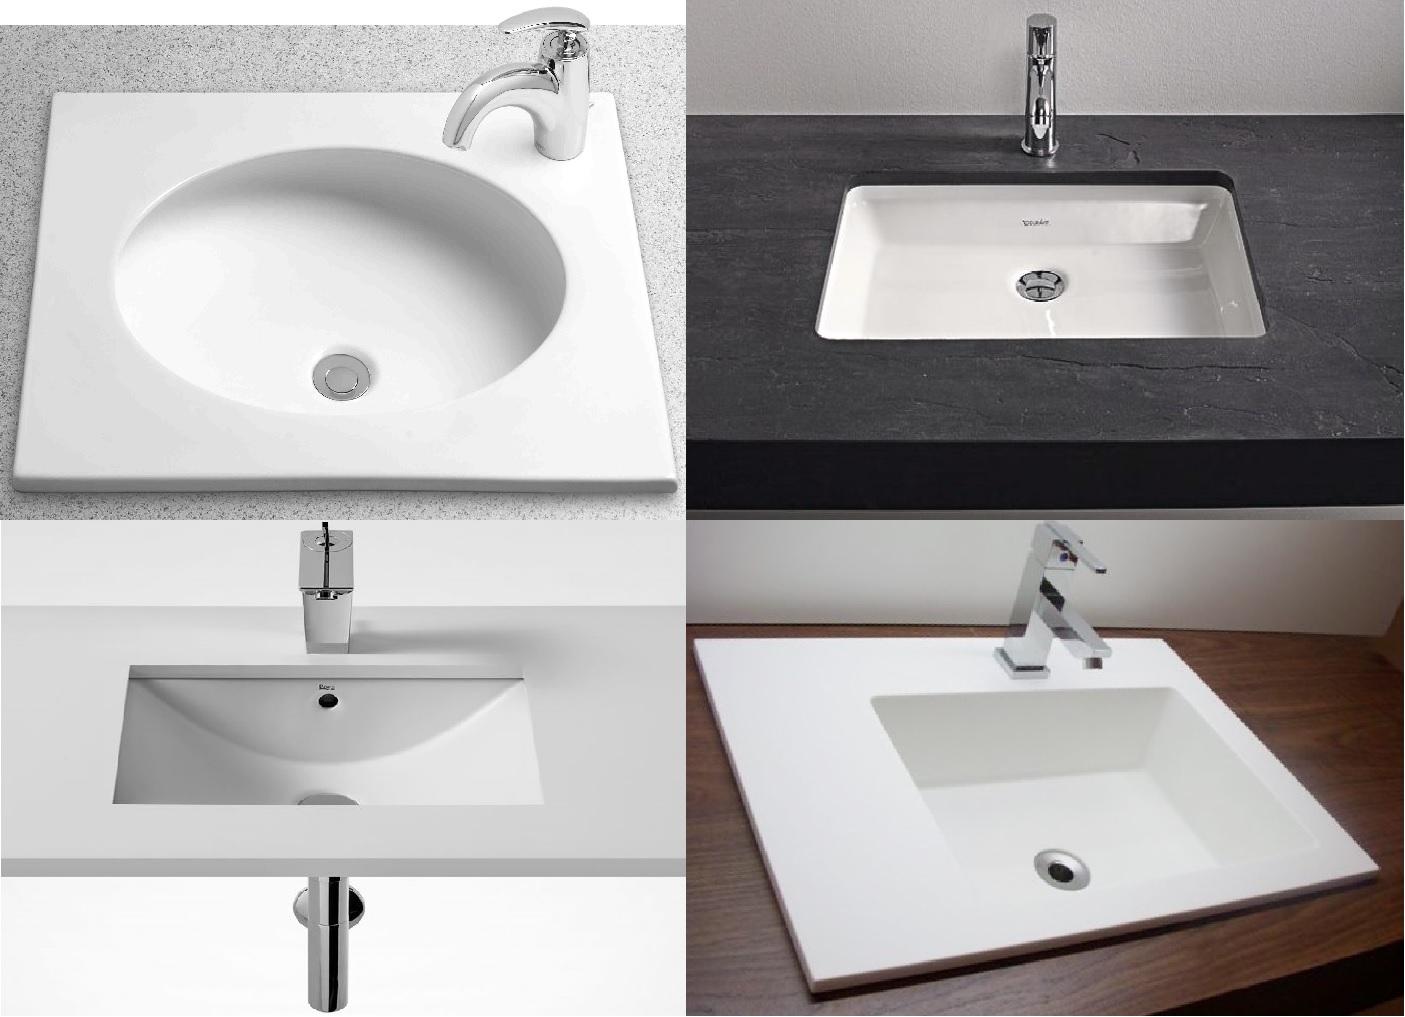 Pia De Banheiro Para Autocad  cgafghanscom banheiros pequenos e modernos -> Pia De Banheiro Autocad